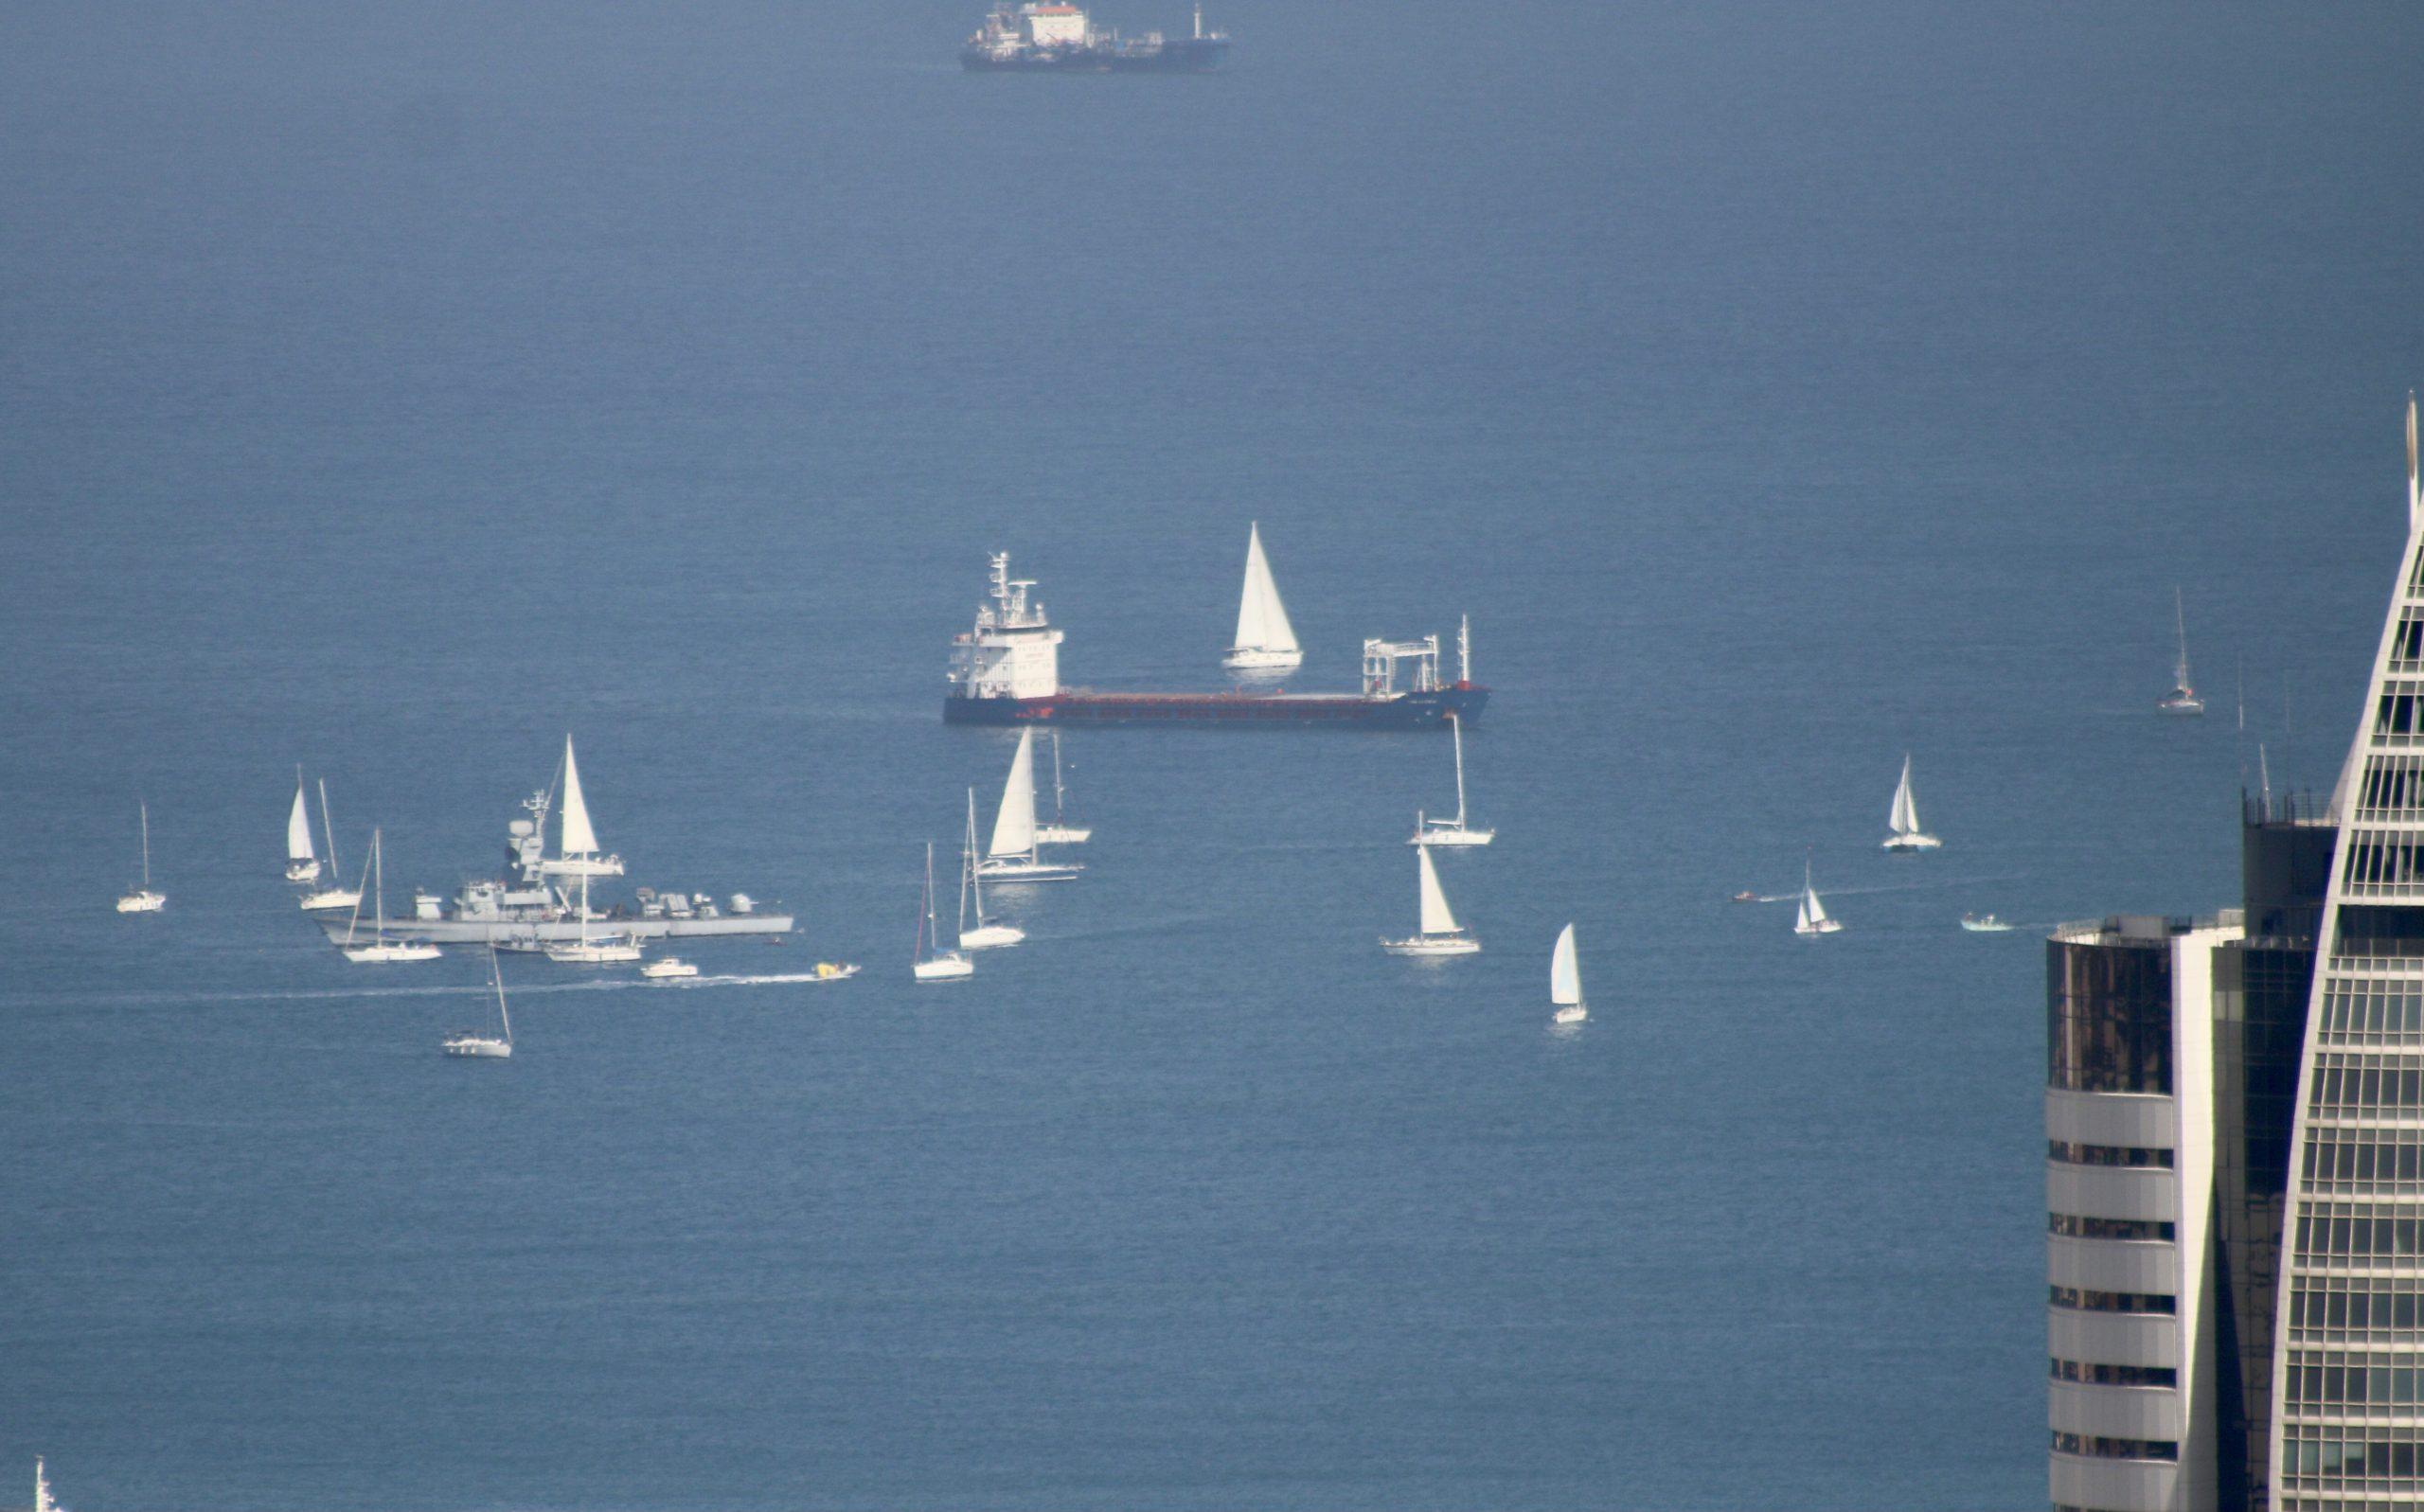 Haifa: Sailboats Greeting Israel Navy Patrol Ship